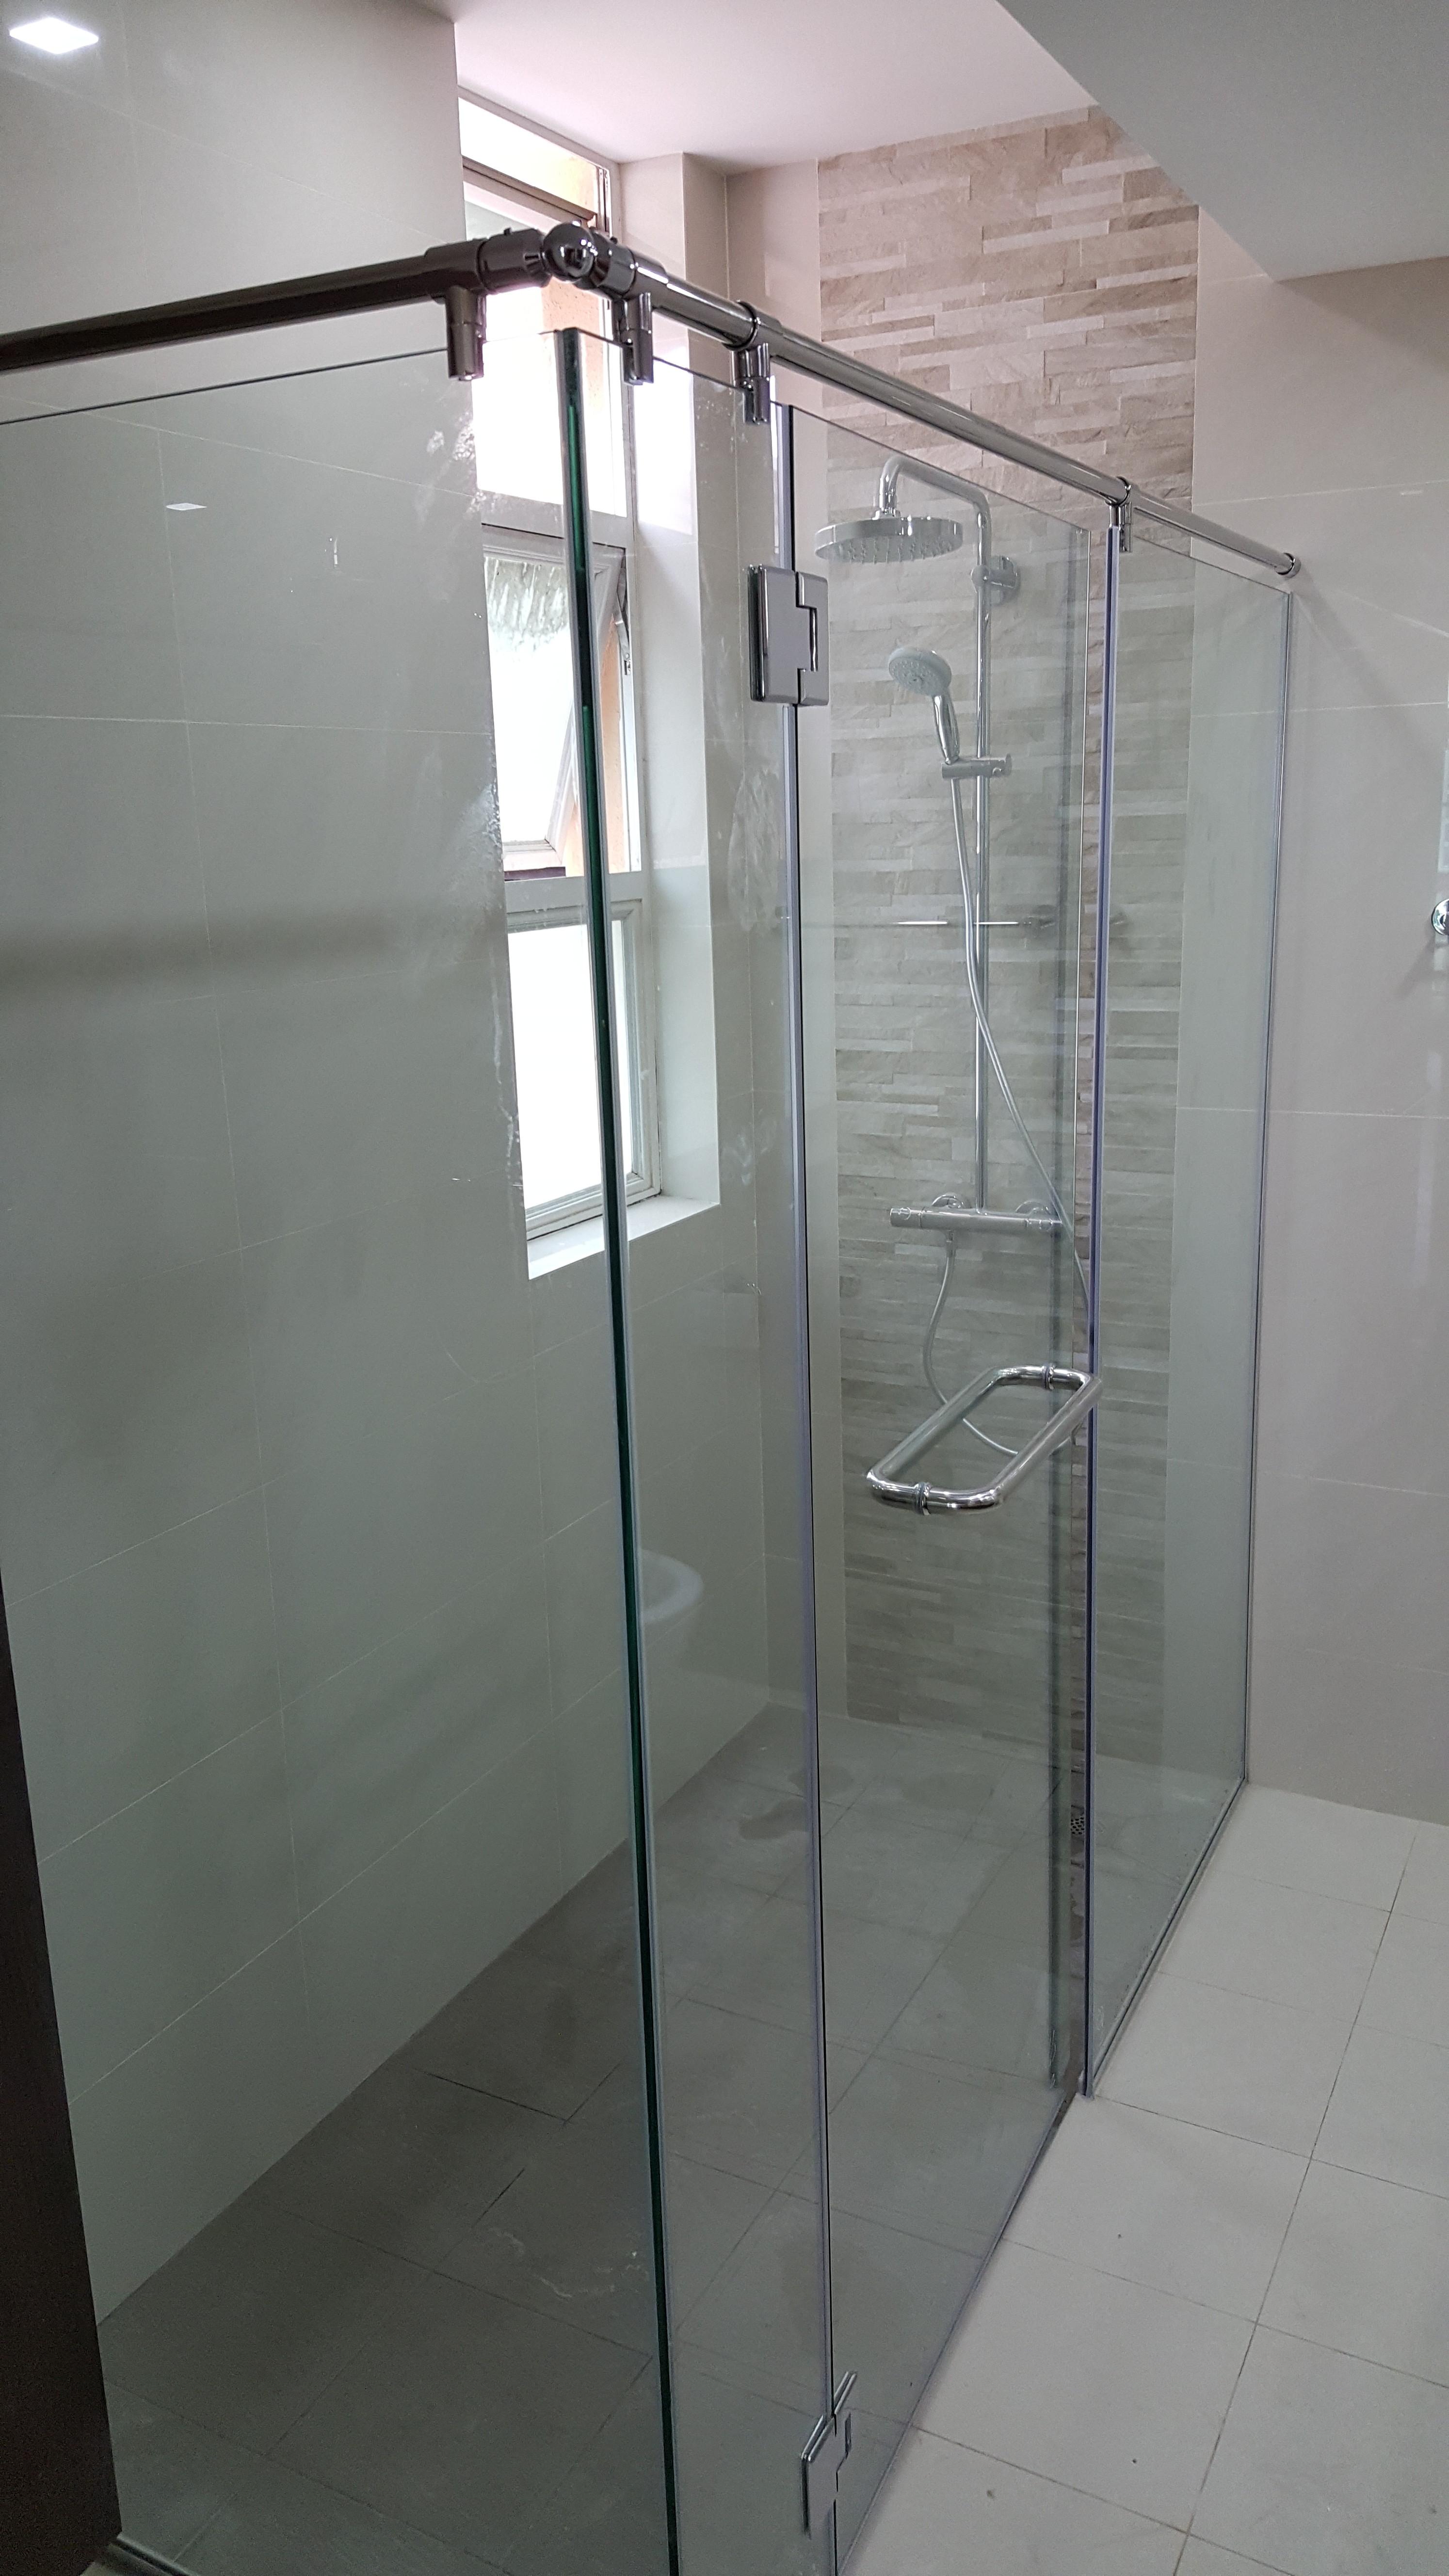 toilet renovation interior designer and renovation. Black Bedroom Furniture Sets. Home Design Ideas